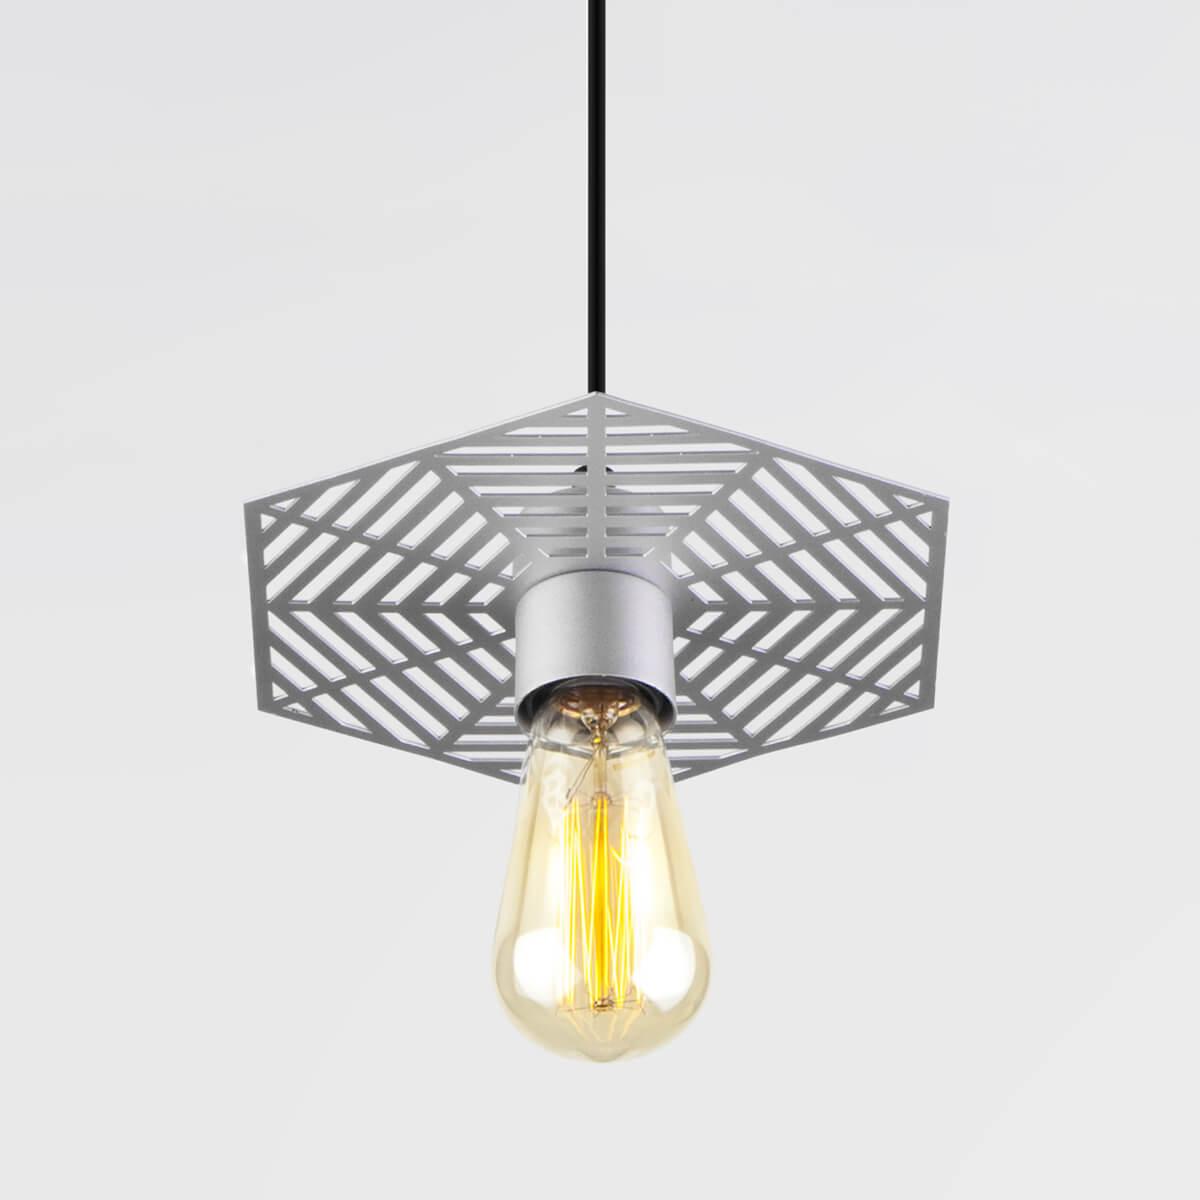 Светильник Eurosvet 50167/1 серебряный Creto